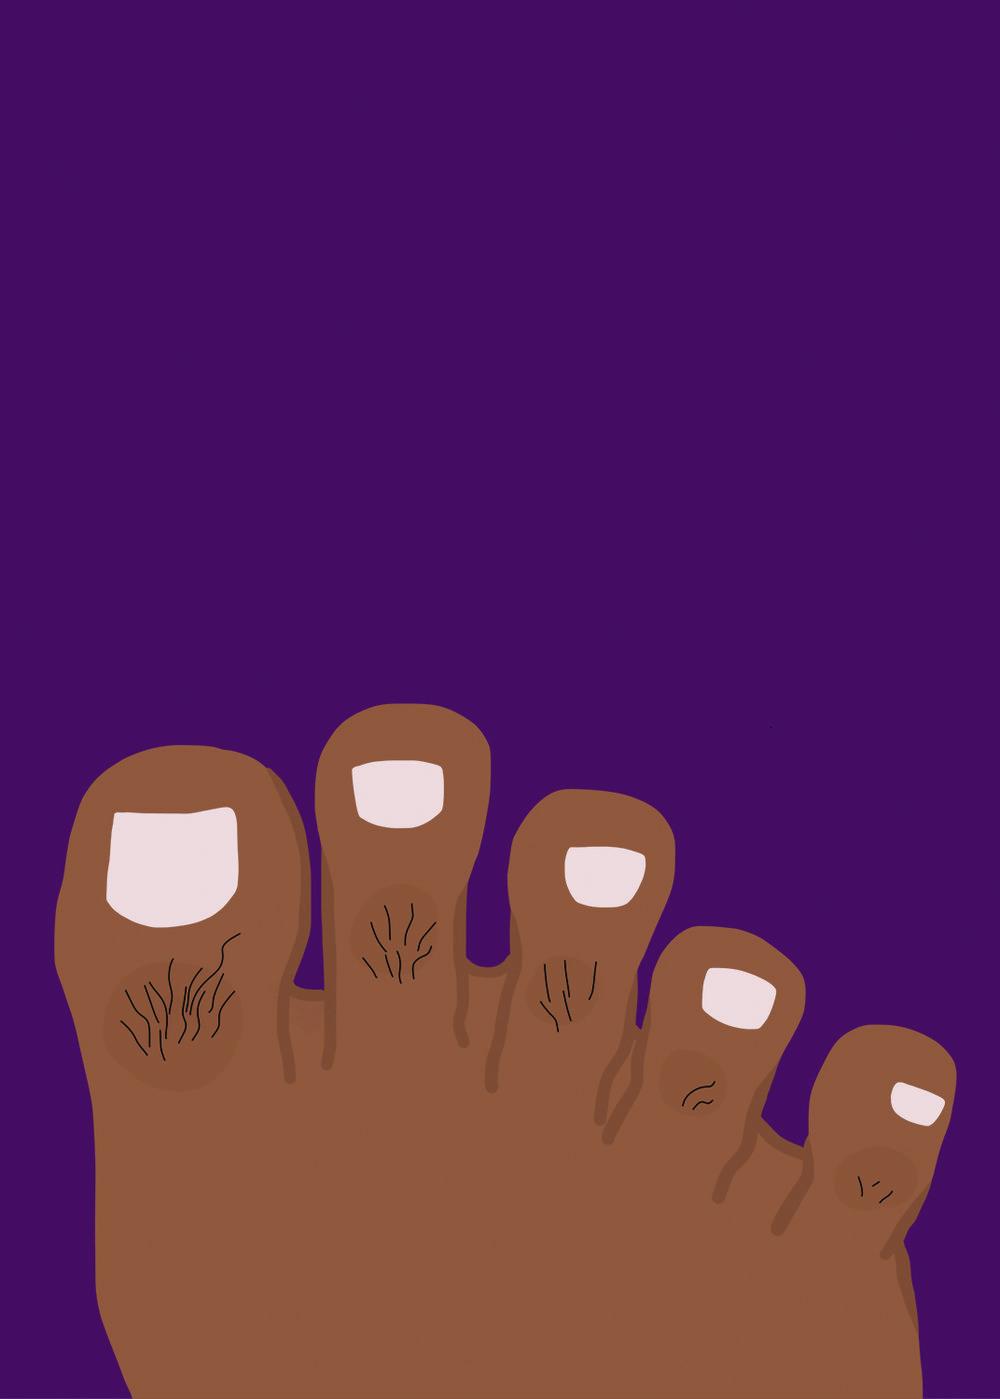 foot_m.jpg